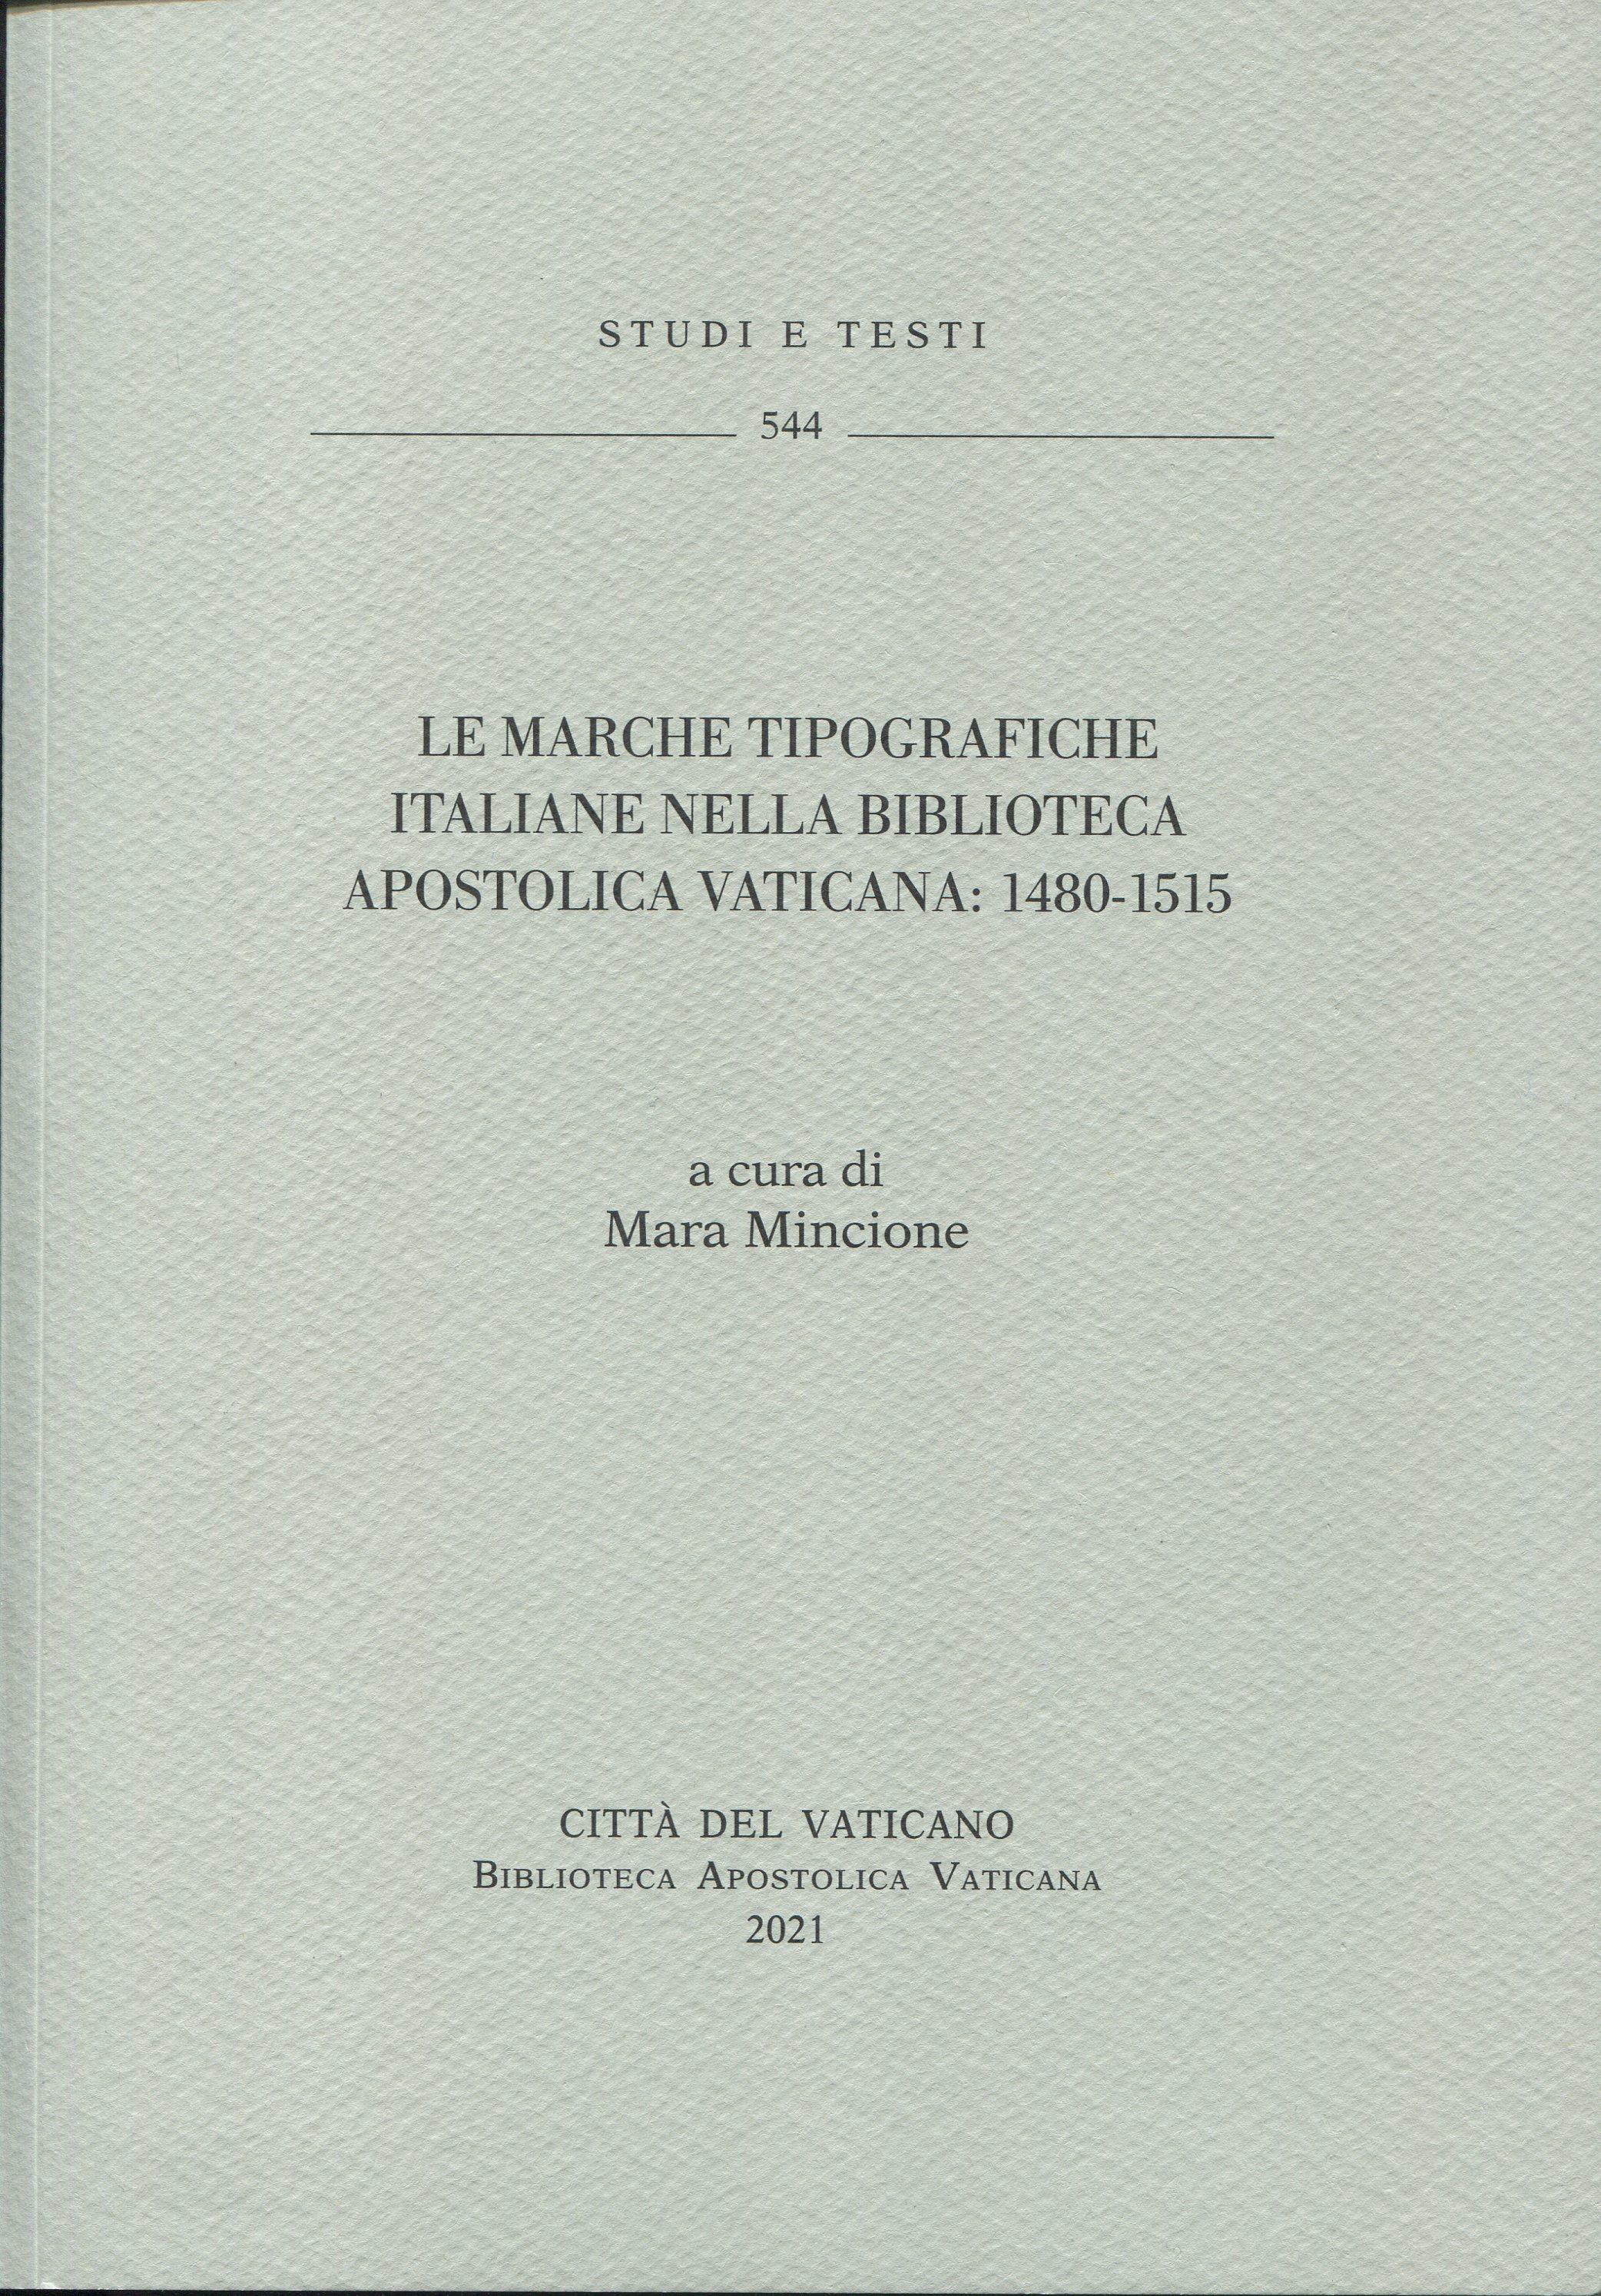 Le marche tipografiche italiane nella Biblioteca Apostolica Vaticana: 1480-1515.